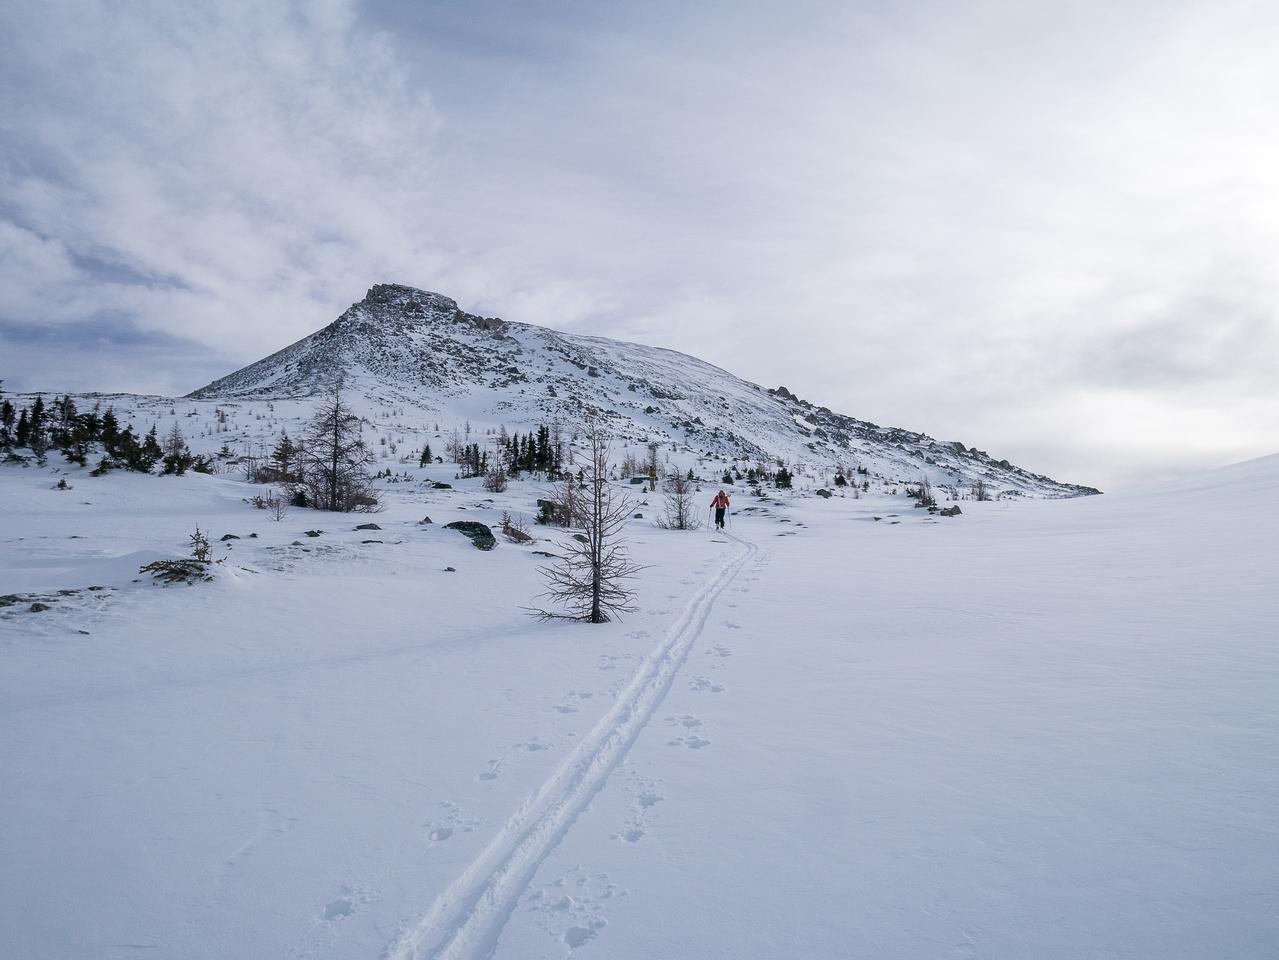 Heather Ridge. The summit is tucked around on the far side.